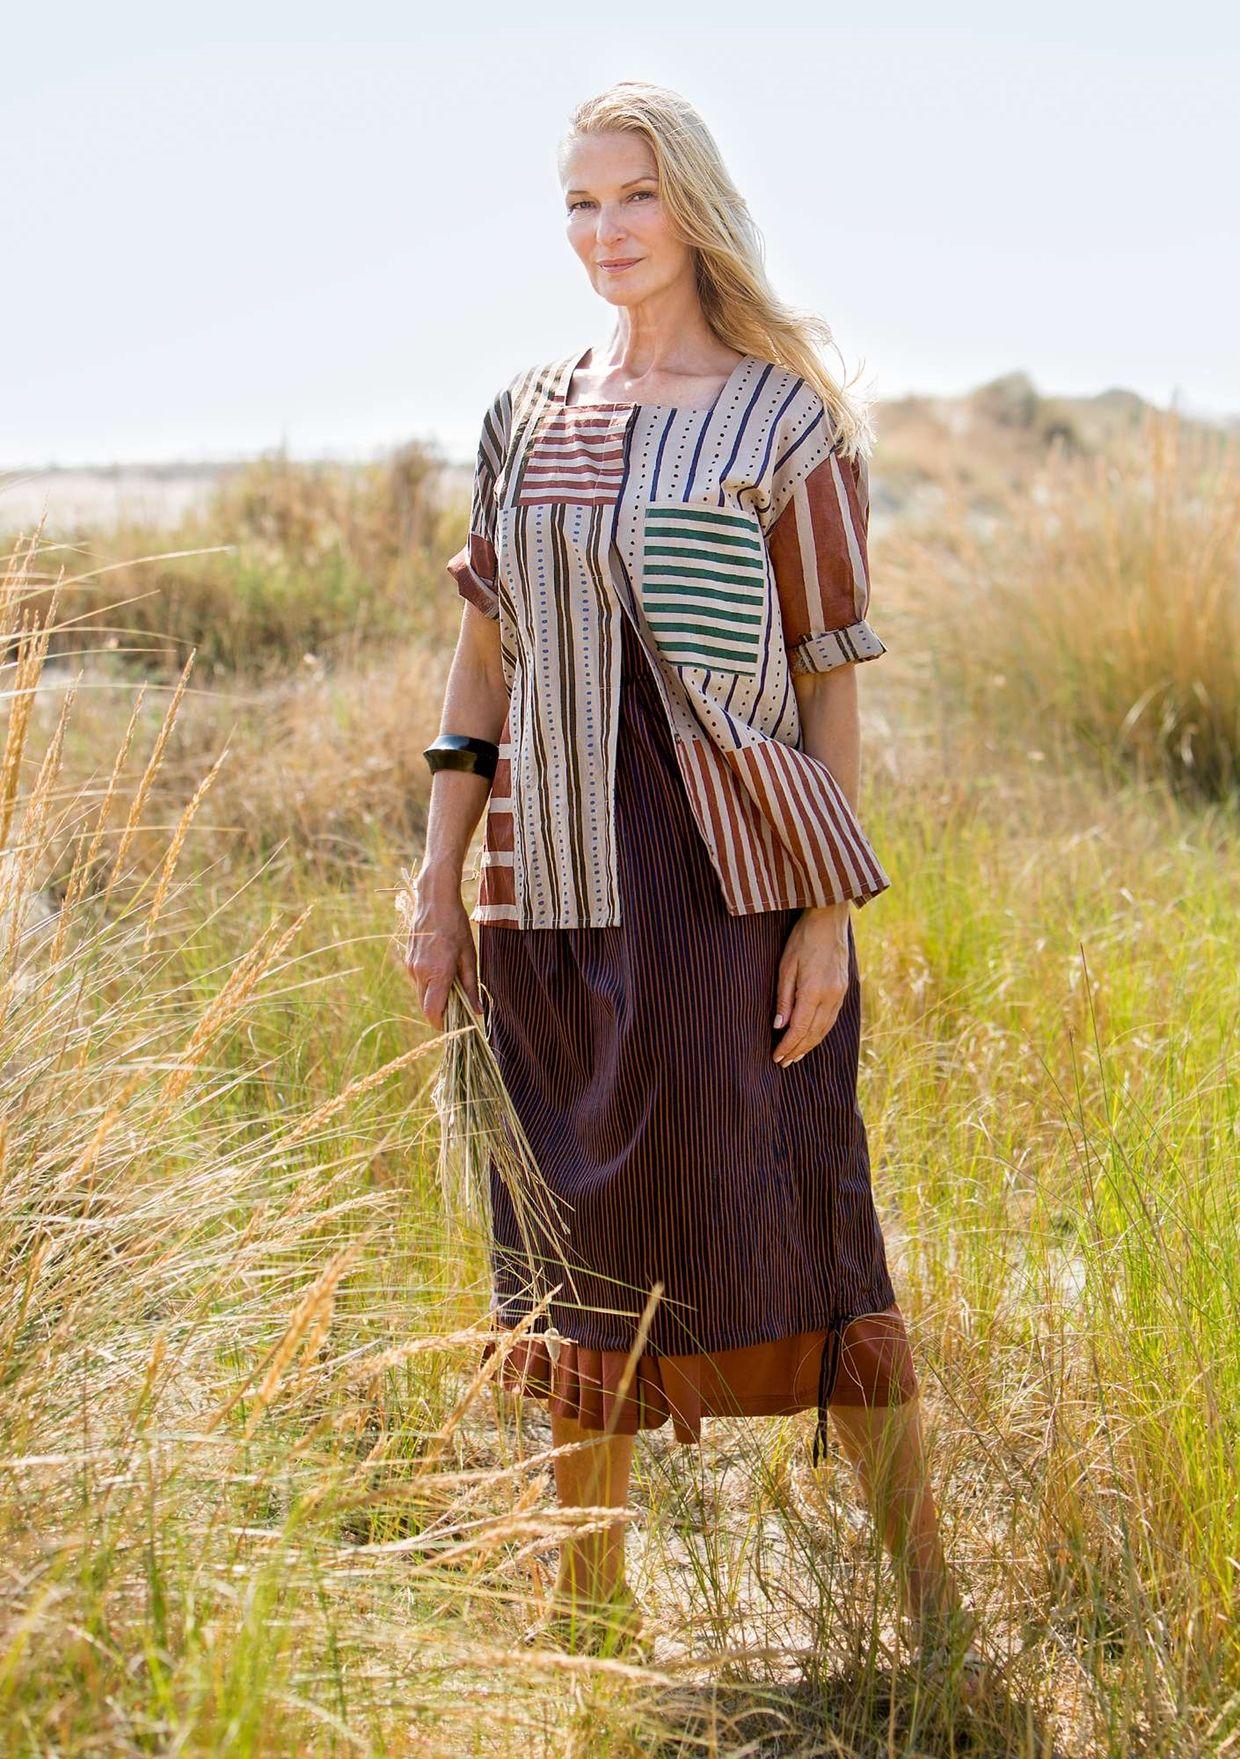 a5c0531e29dc Längre klänning med en generös passform som nog lätt blir en favorit i  garderoben. Ärmlös